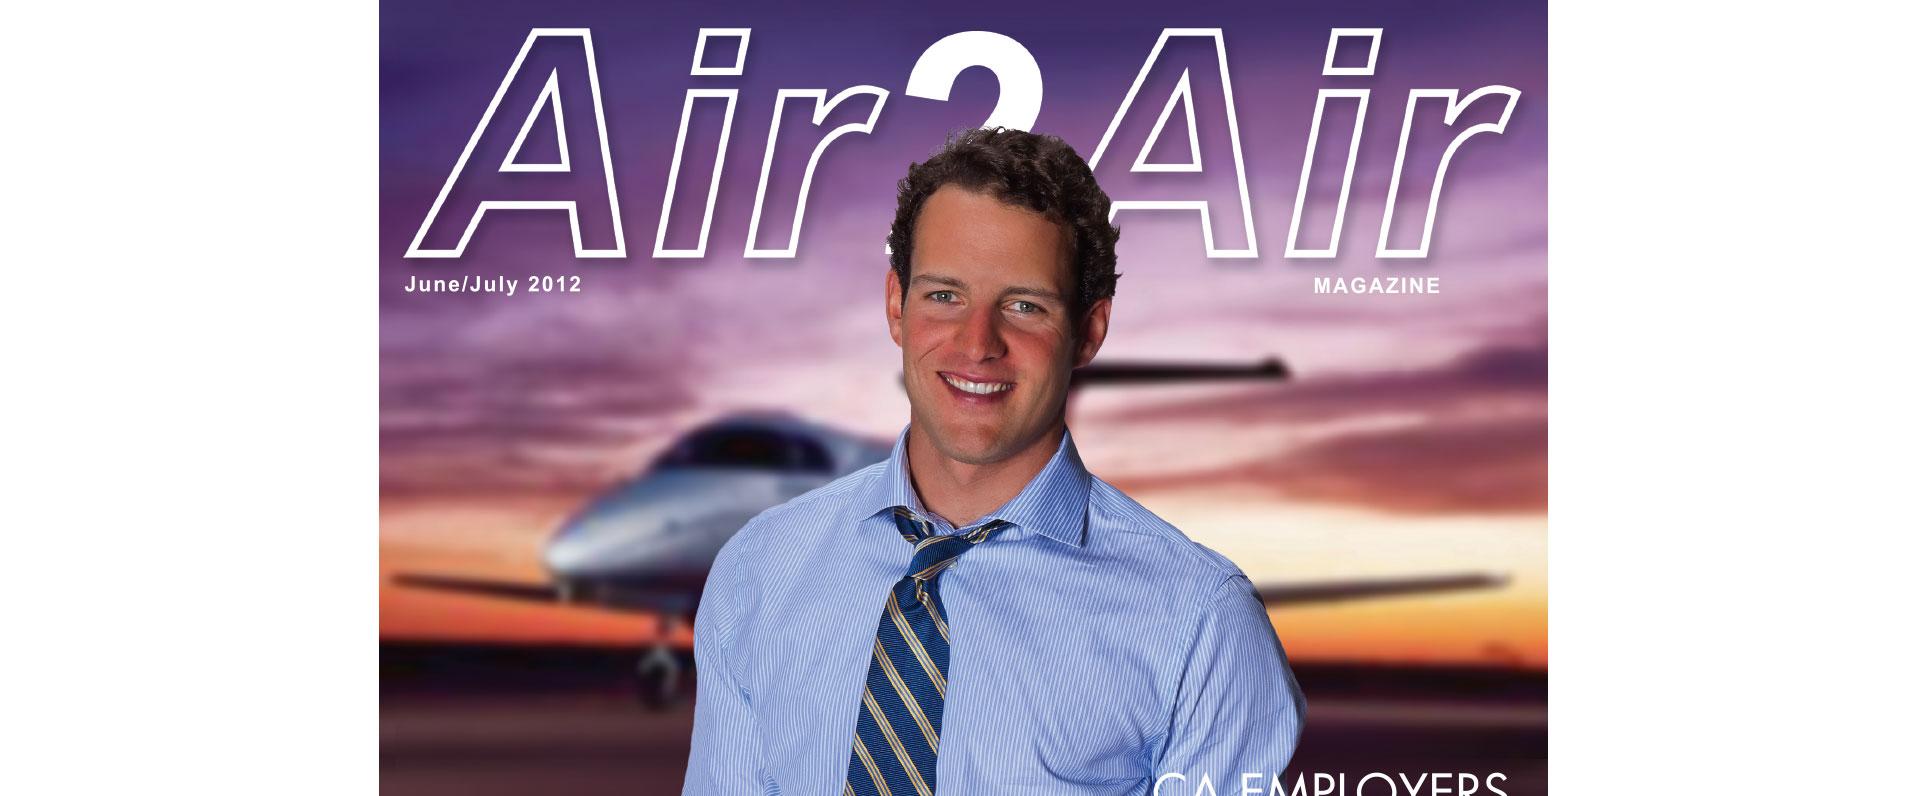 Air 2 Air